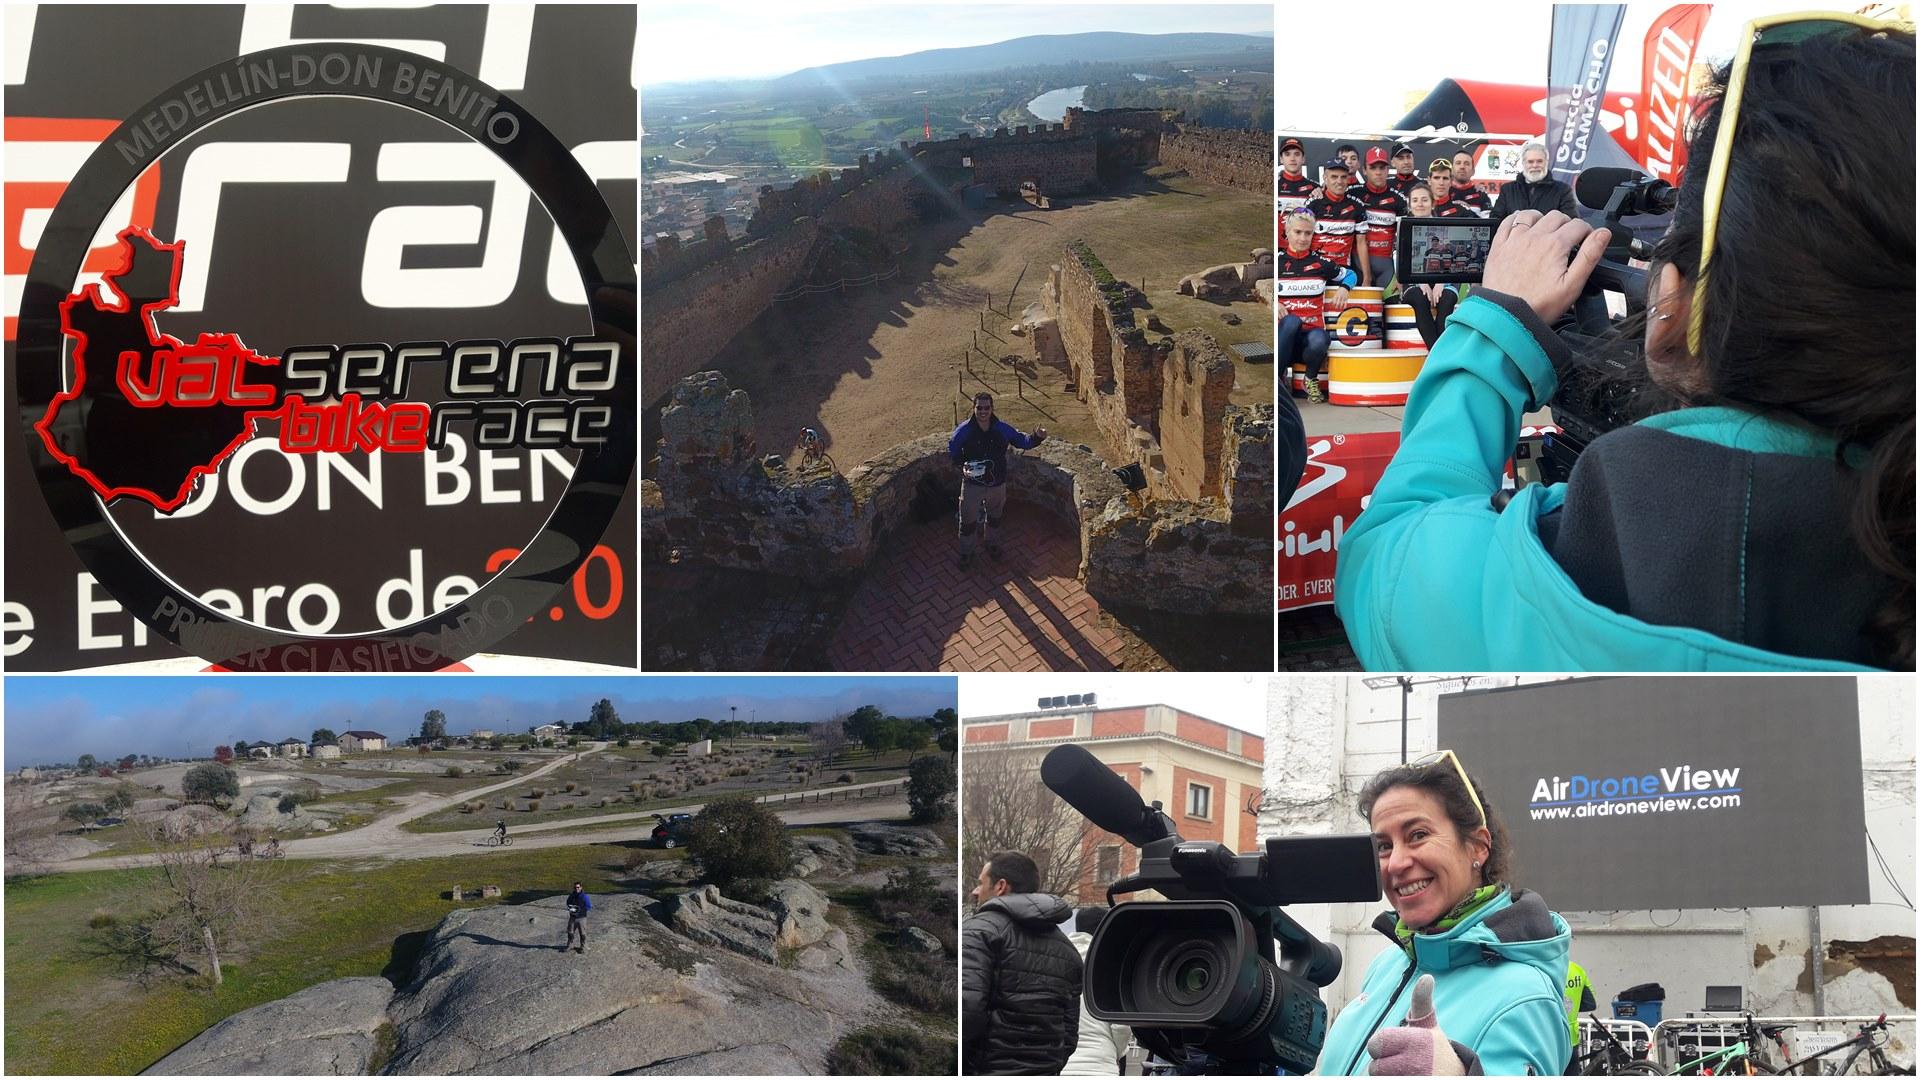 airdroneview valserena bike race medellin don benito castillo de magacela puente de la pared la haba molino btt extremadura caceres badajoz drones operadores legal video aereo